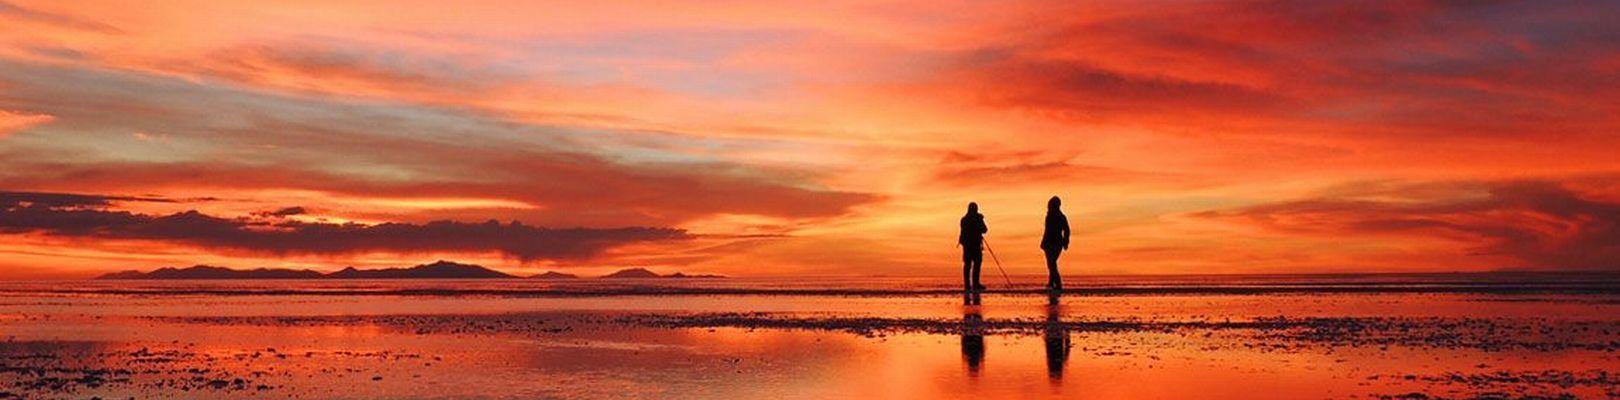 Salar-de-Uyuni-coucher-de-soleil